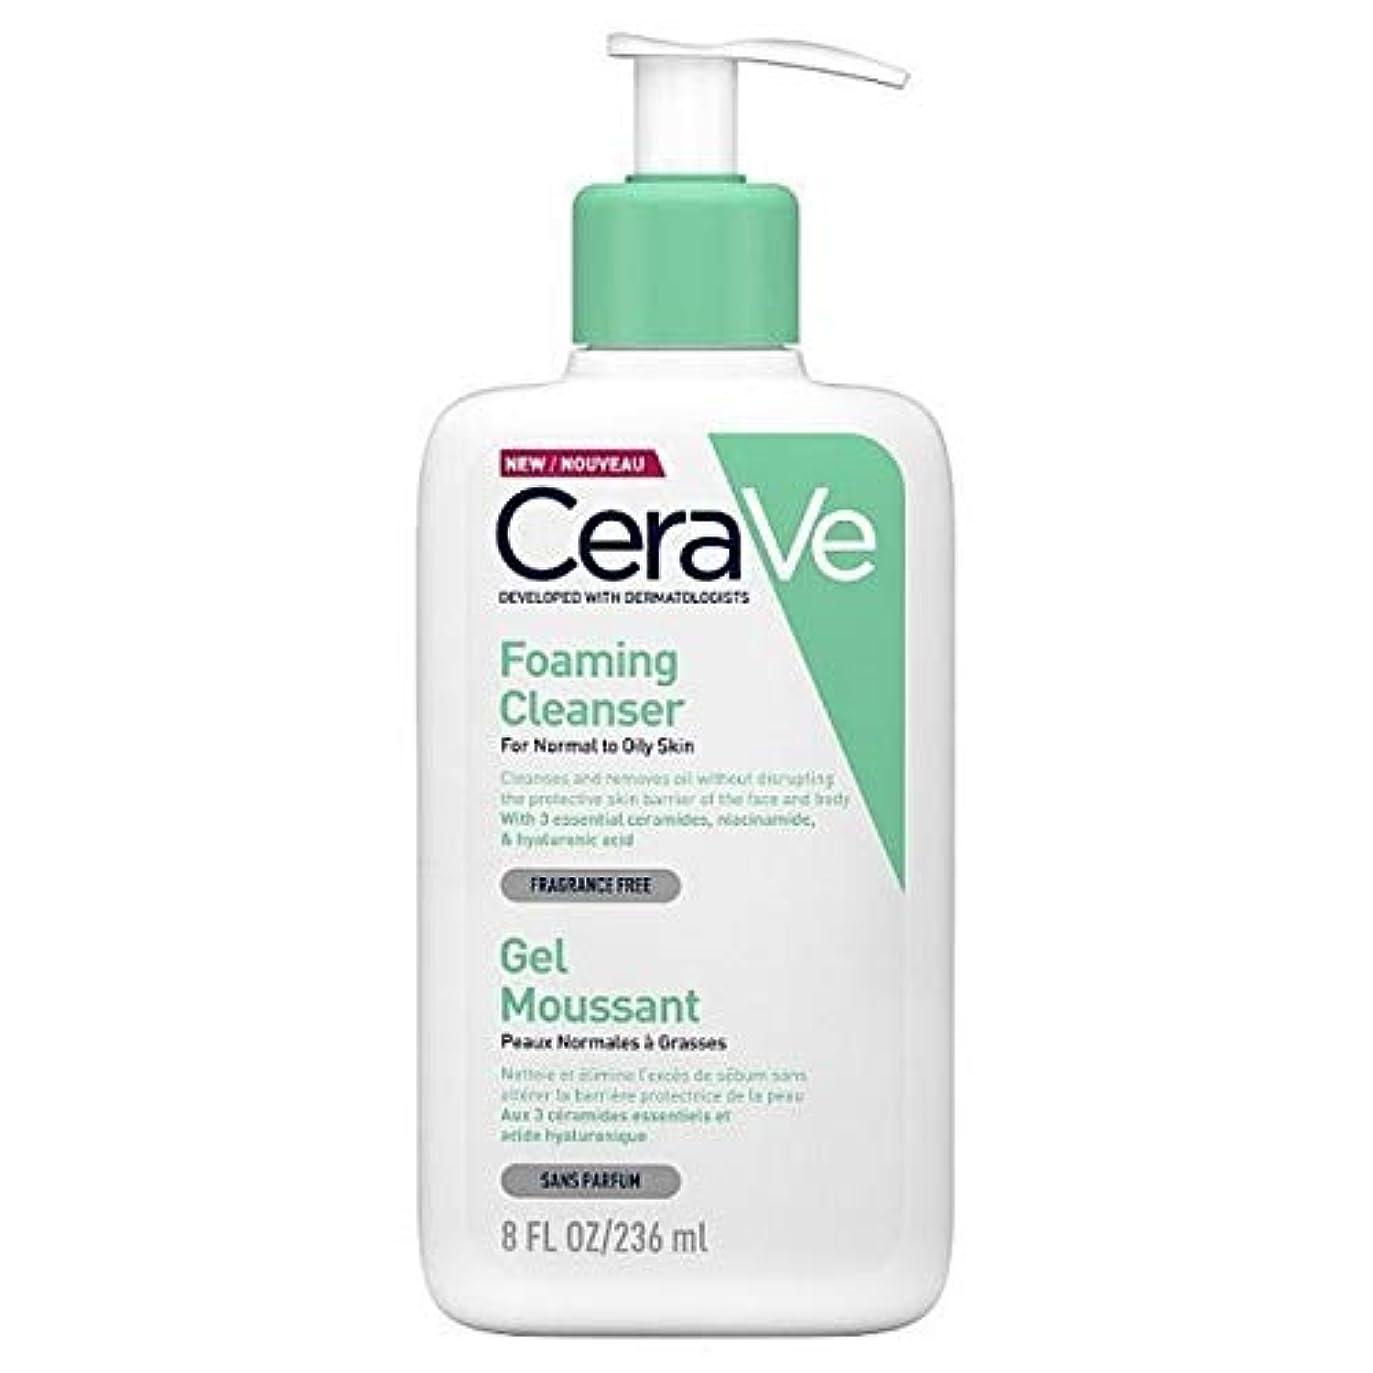 醸造所ビュッフェ承認する[CeraVe] Ceraveフォーミングクレンザーの236ミリリットル - CeraVe Foaming Cleanser 236ml [並行輸入品]